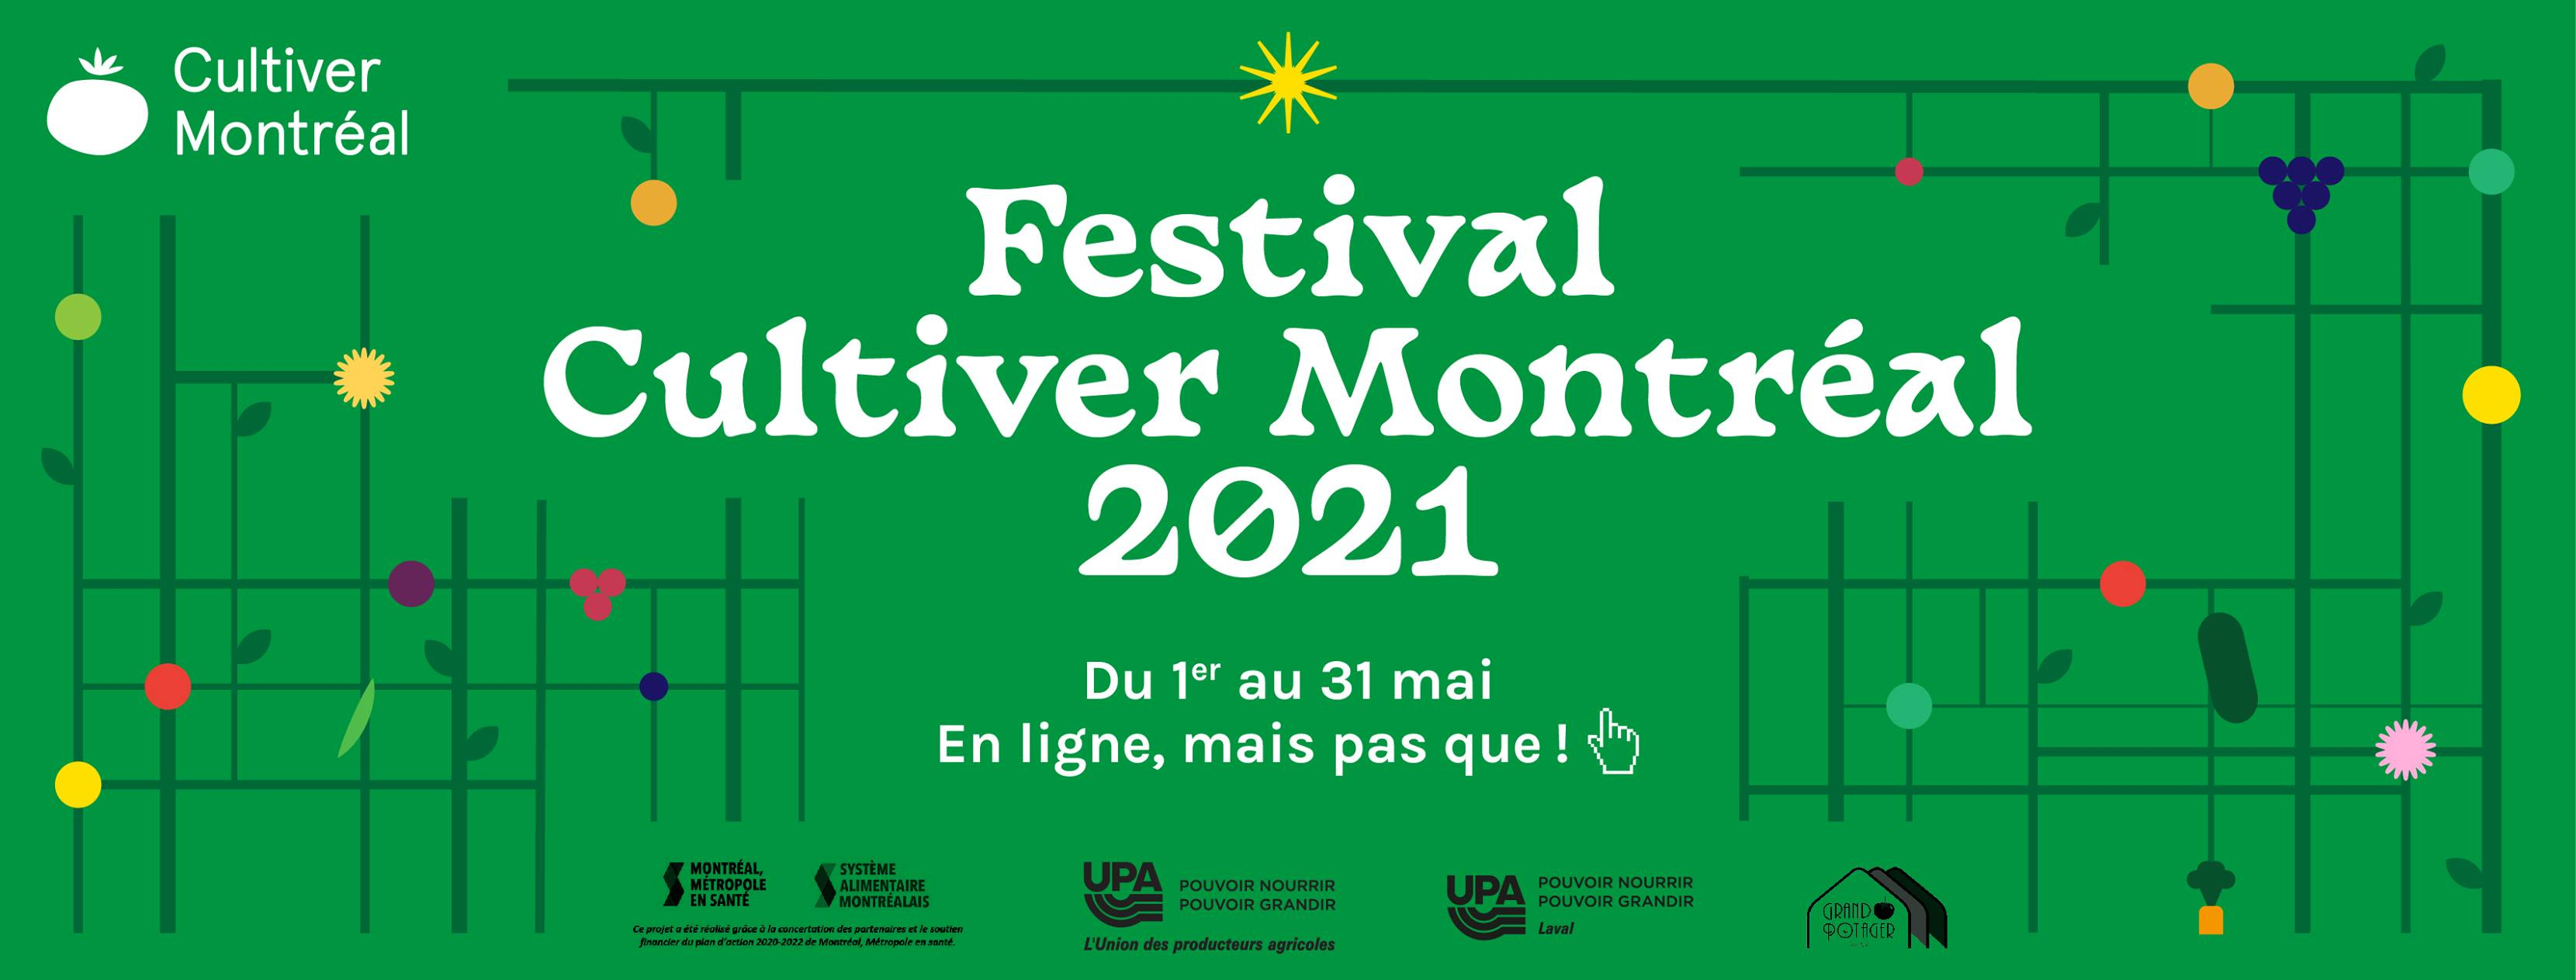 Festival Cultiver Montréal 2021